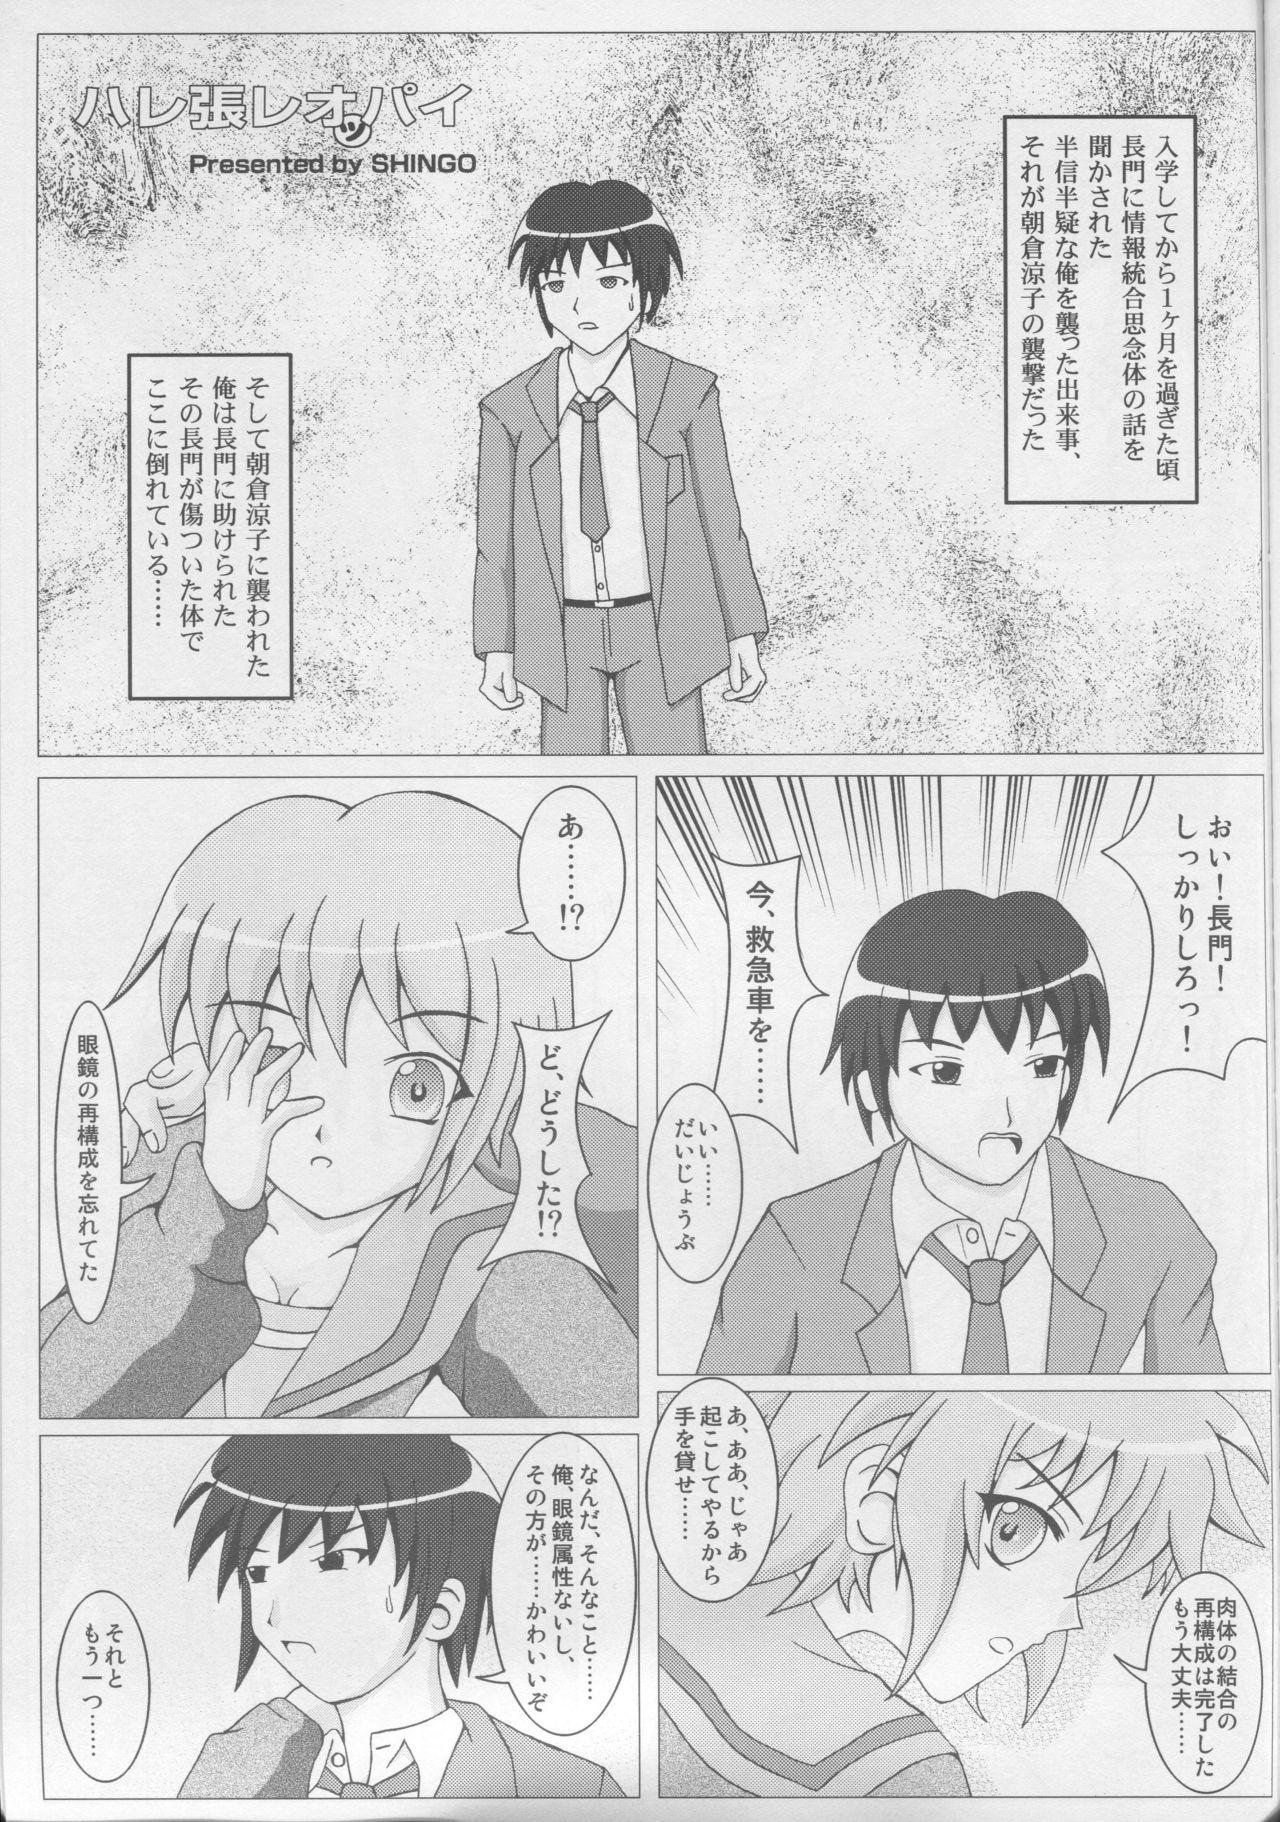 (Tora Matsuri 2010) [SHi's Laboratory (SHINGO)] PAI-Z-ReMix (Various) 21